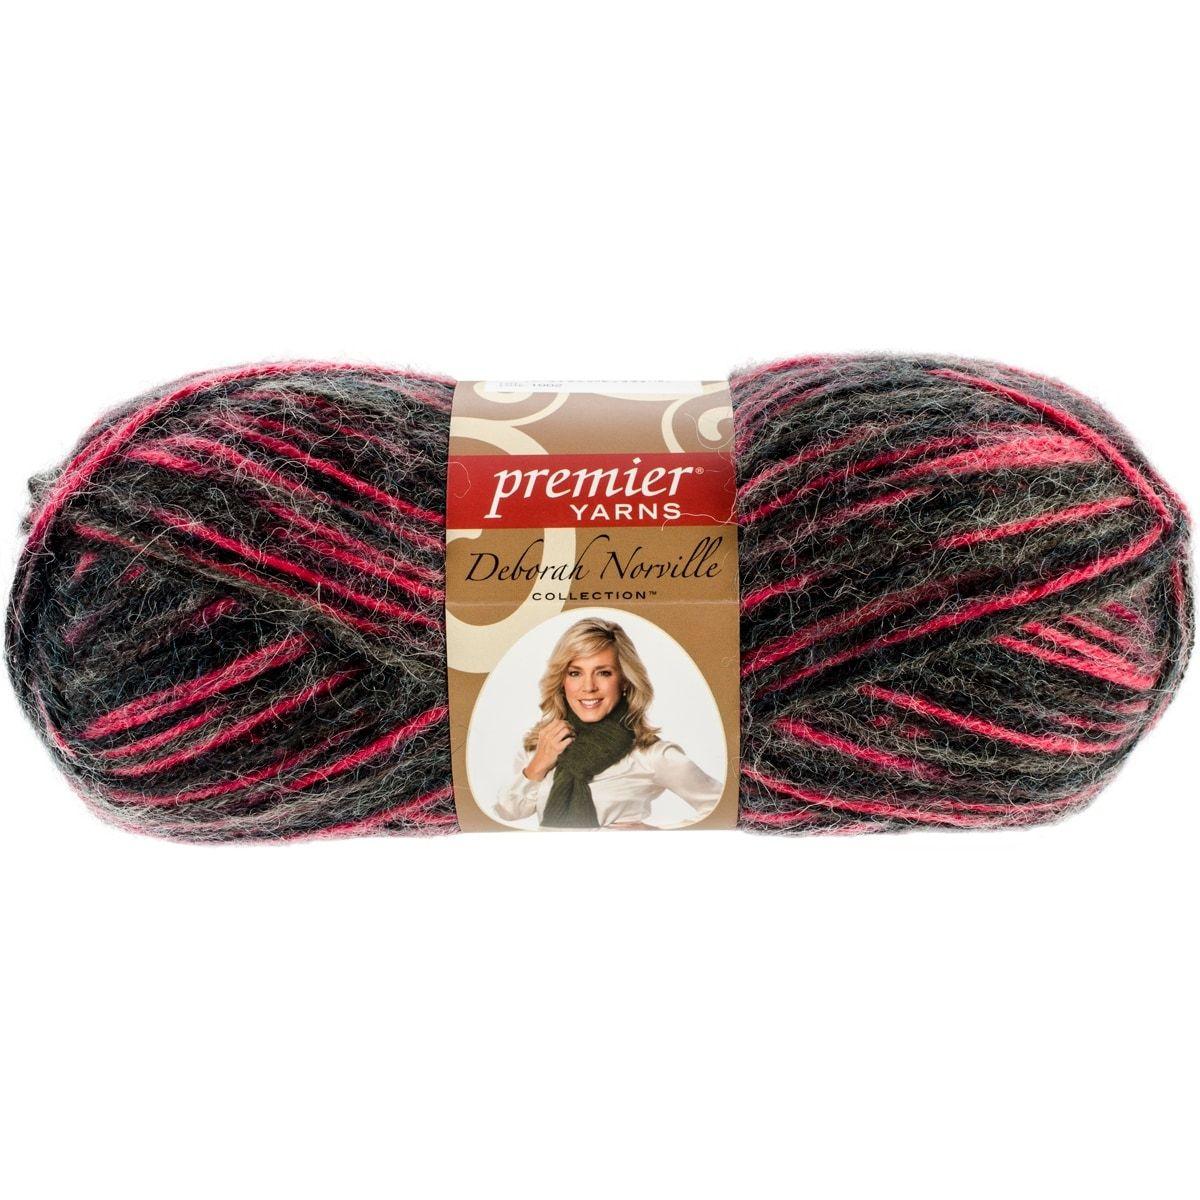 Premier yarns deborah norville collection alpaca dance multi yarn